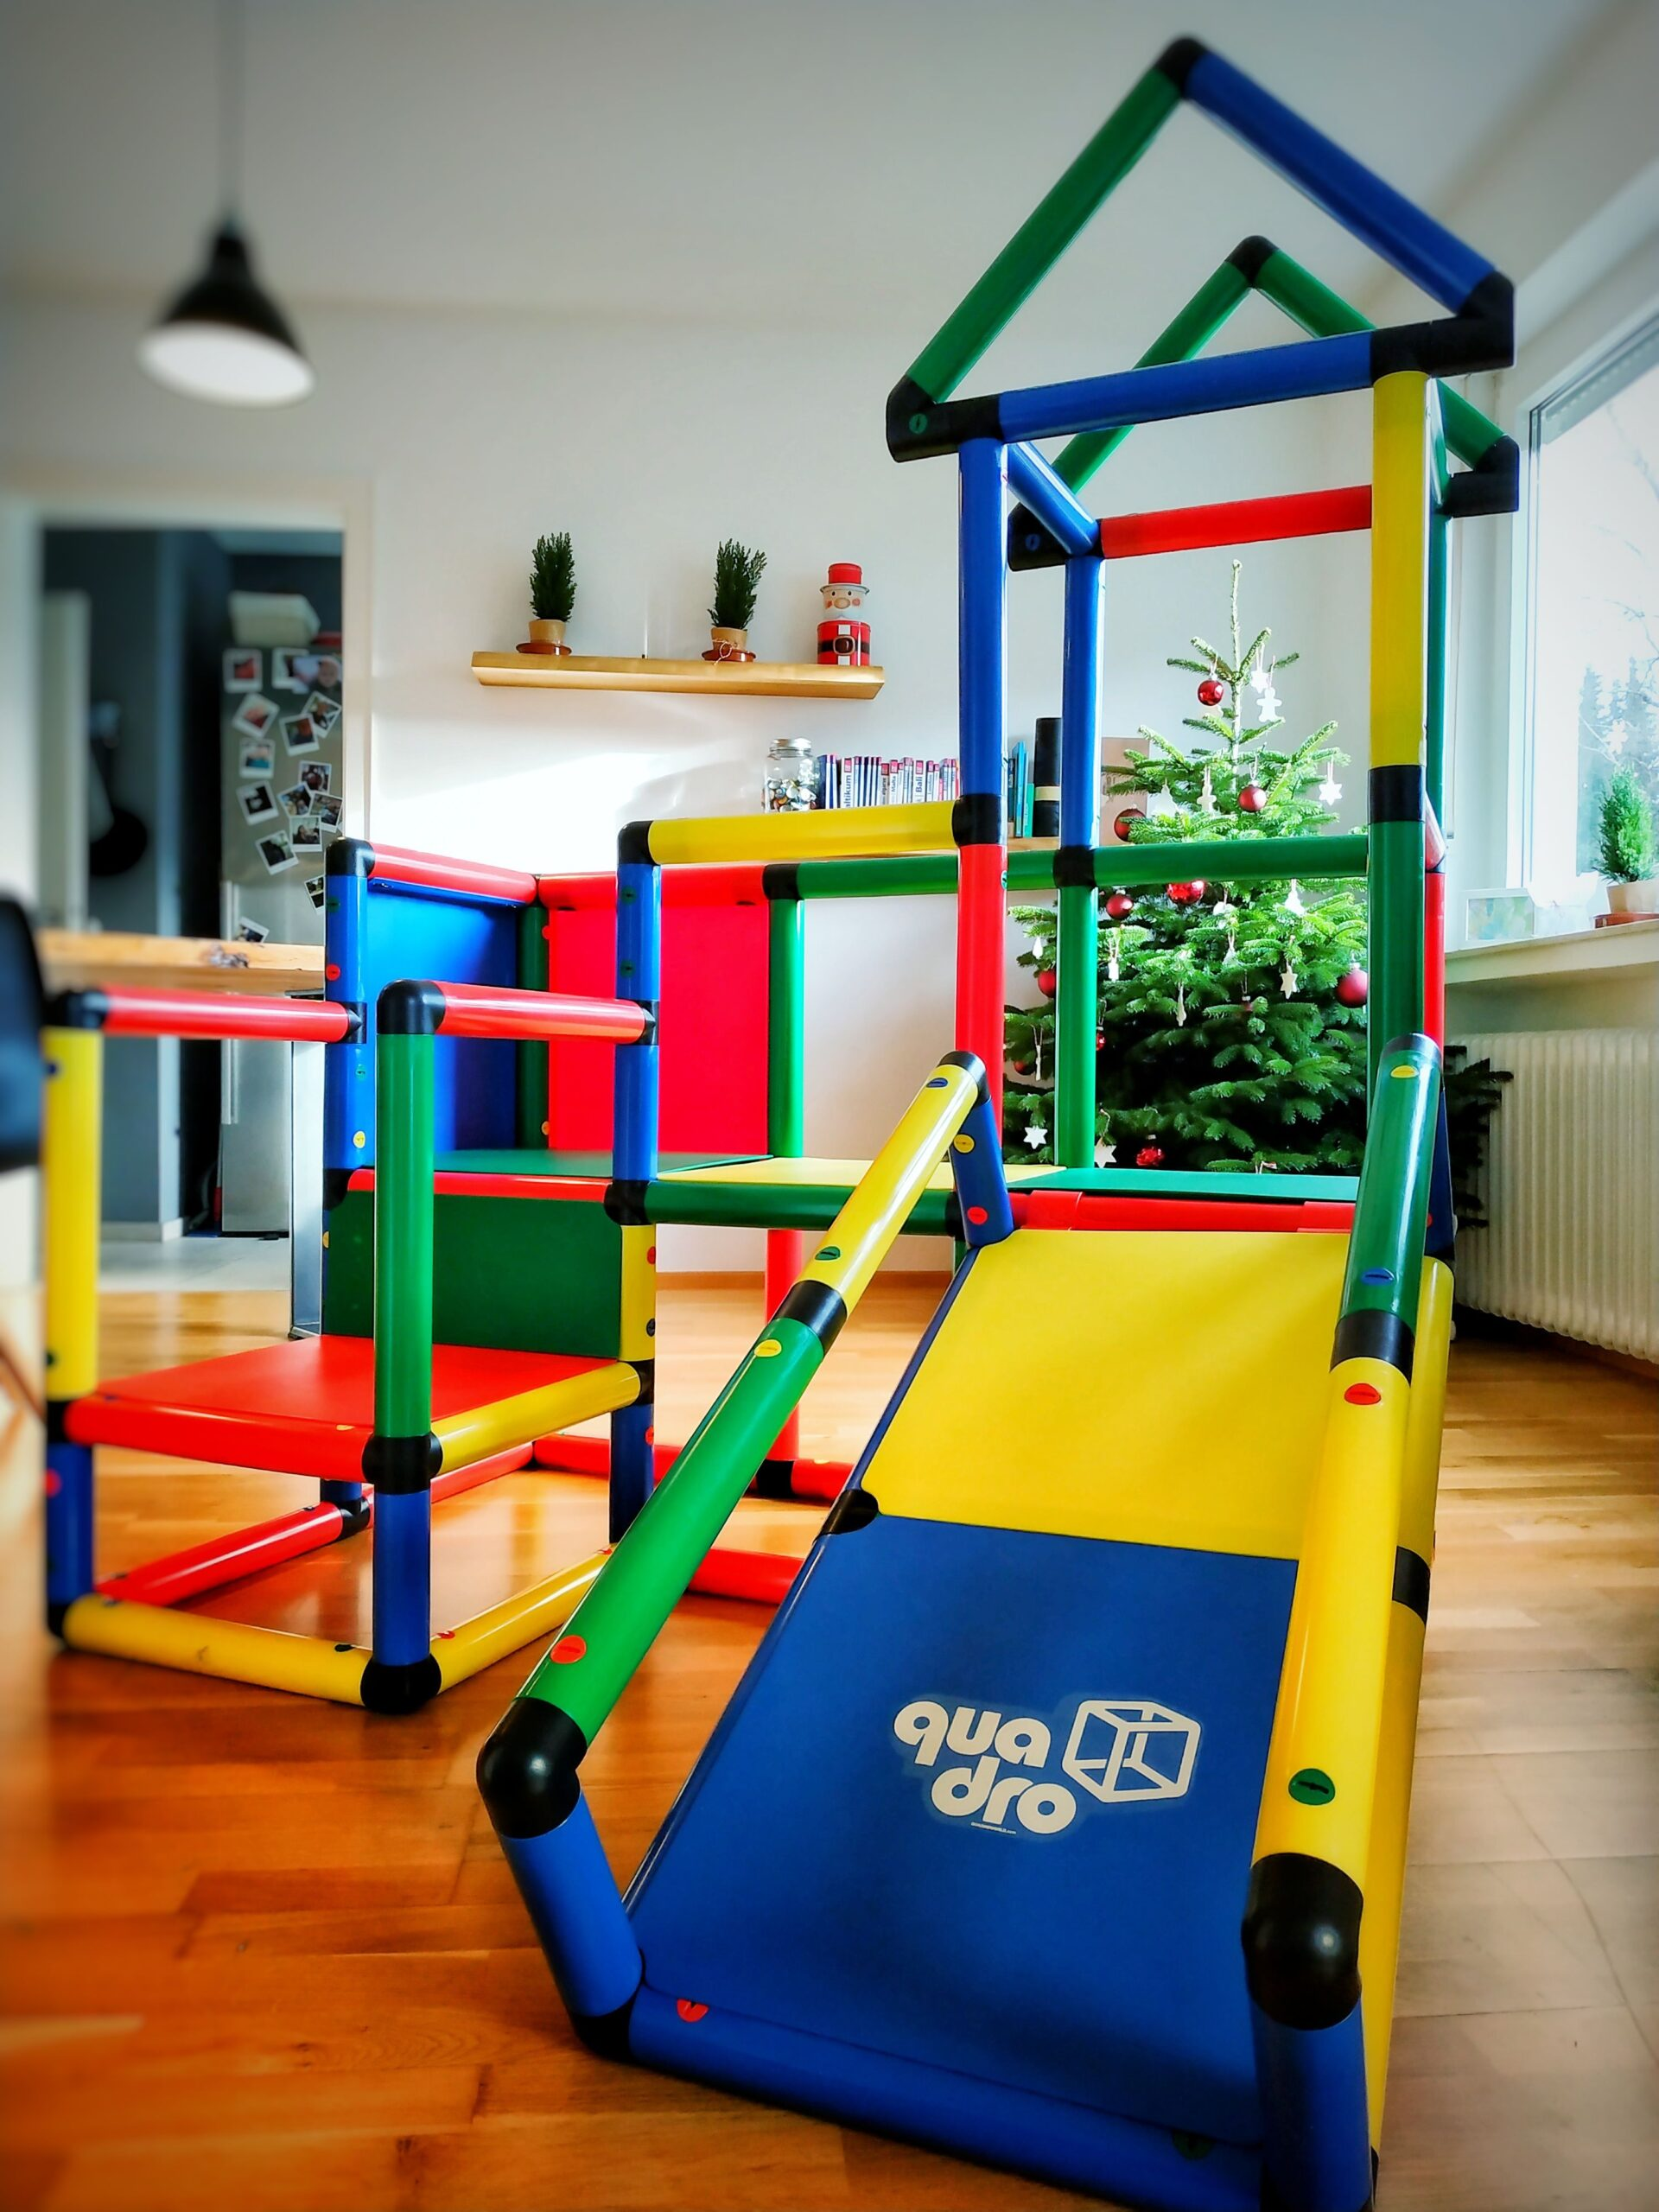 Full Size of Quadro Klettergerüst Klettergerst Regal Kinderzimmer Wei Sofa Garten Wohnzimmer Quadro Klettergerüst